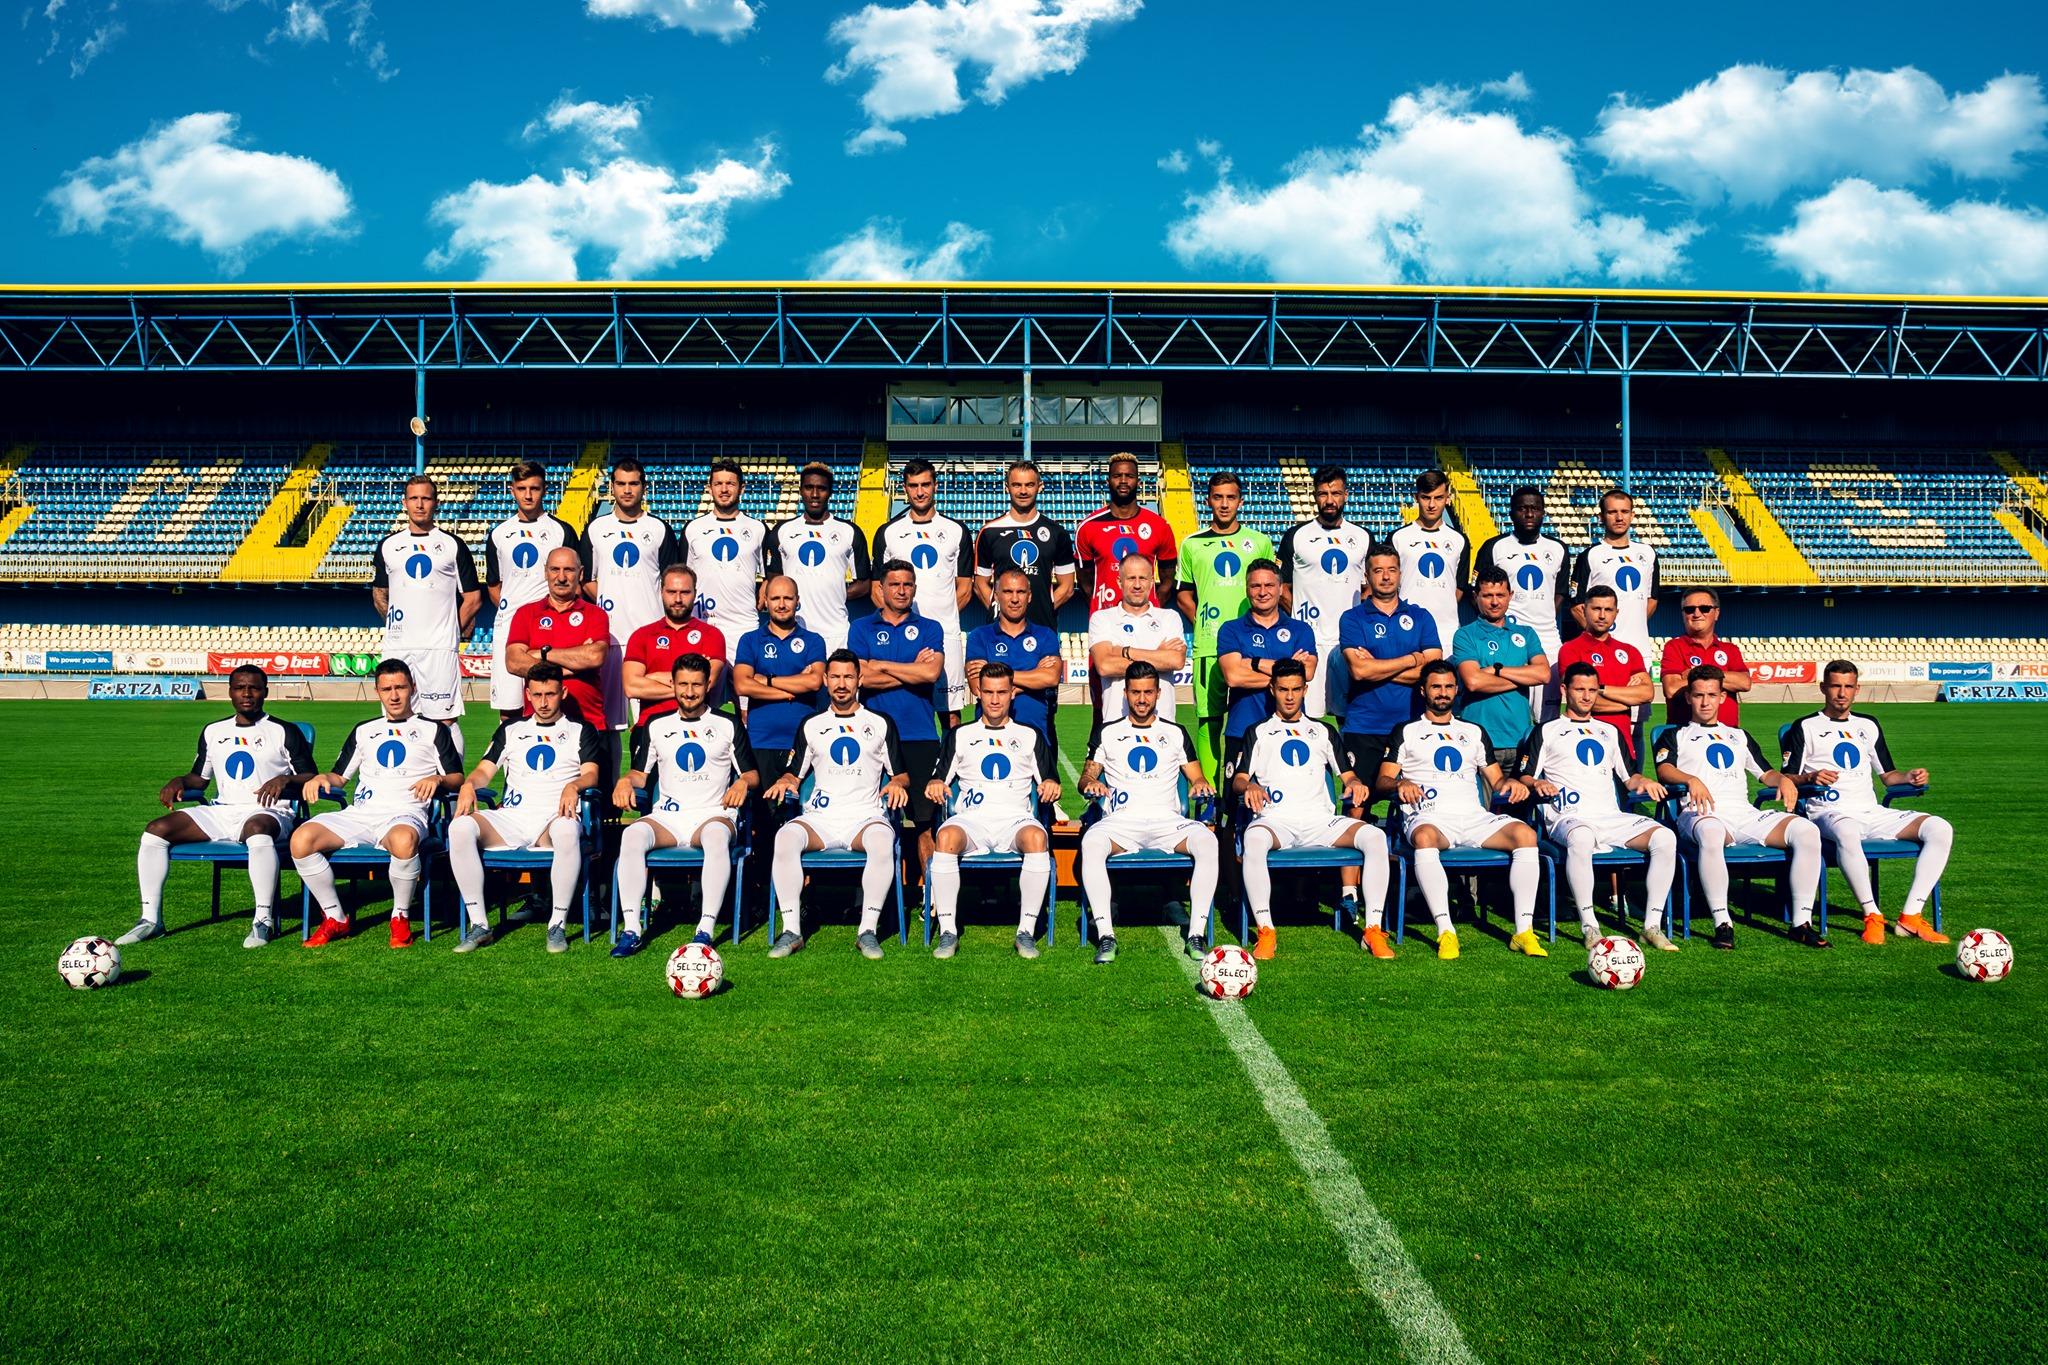 Suporterii Gaz Metan Mediaș au ales primul 11 al echipei din ultimul deceniu